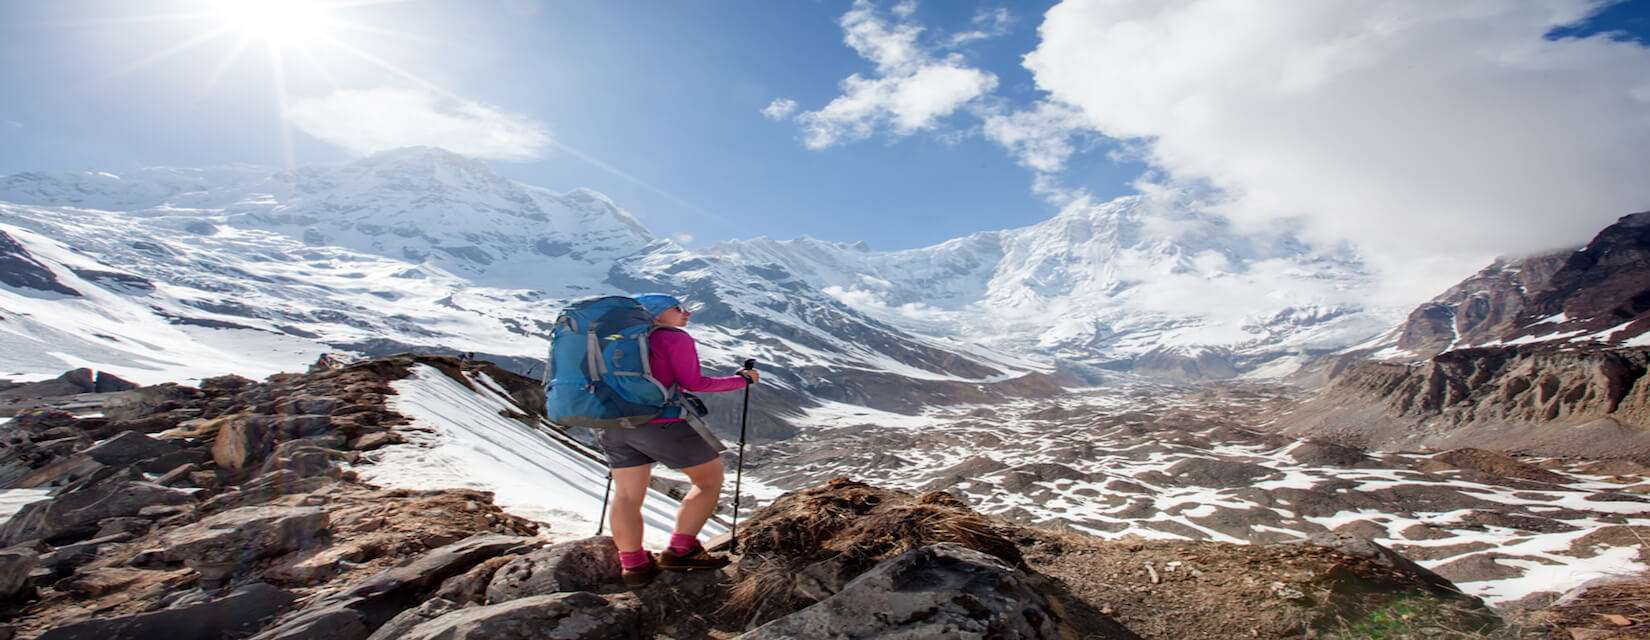 Short Annapurna Base Camp Trek - Days